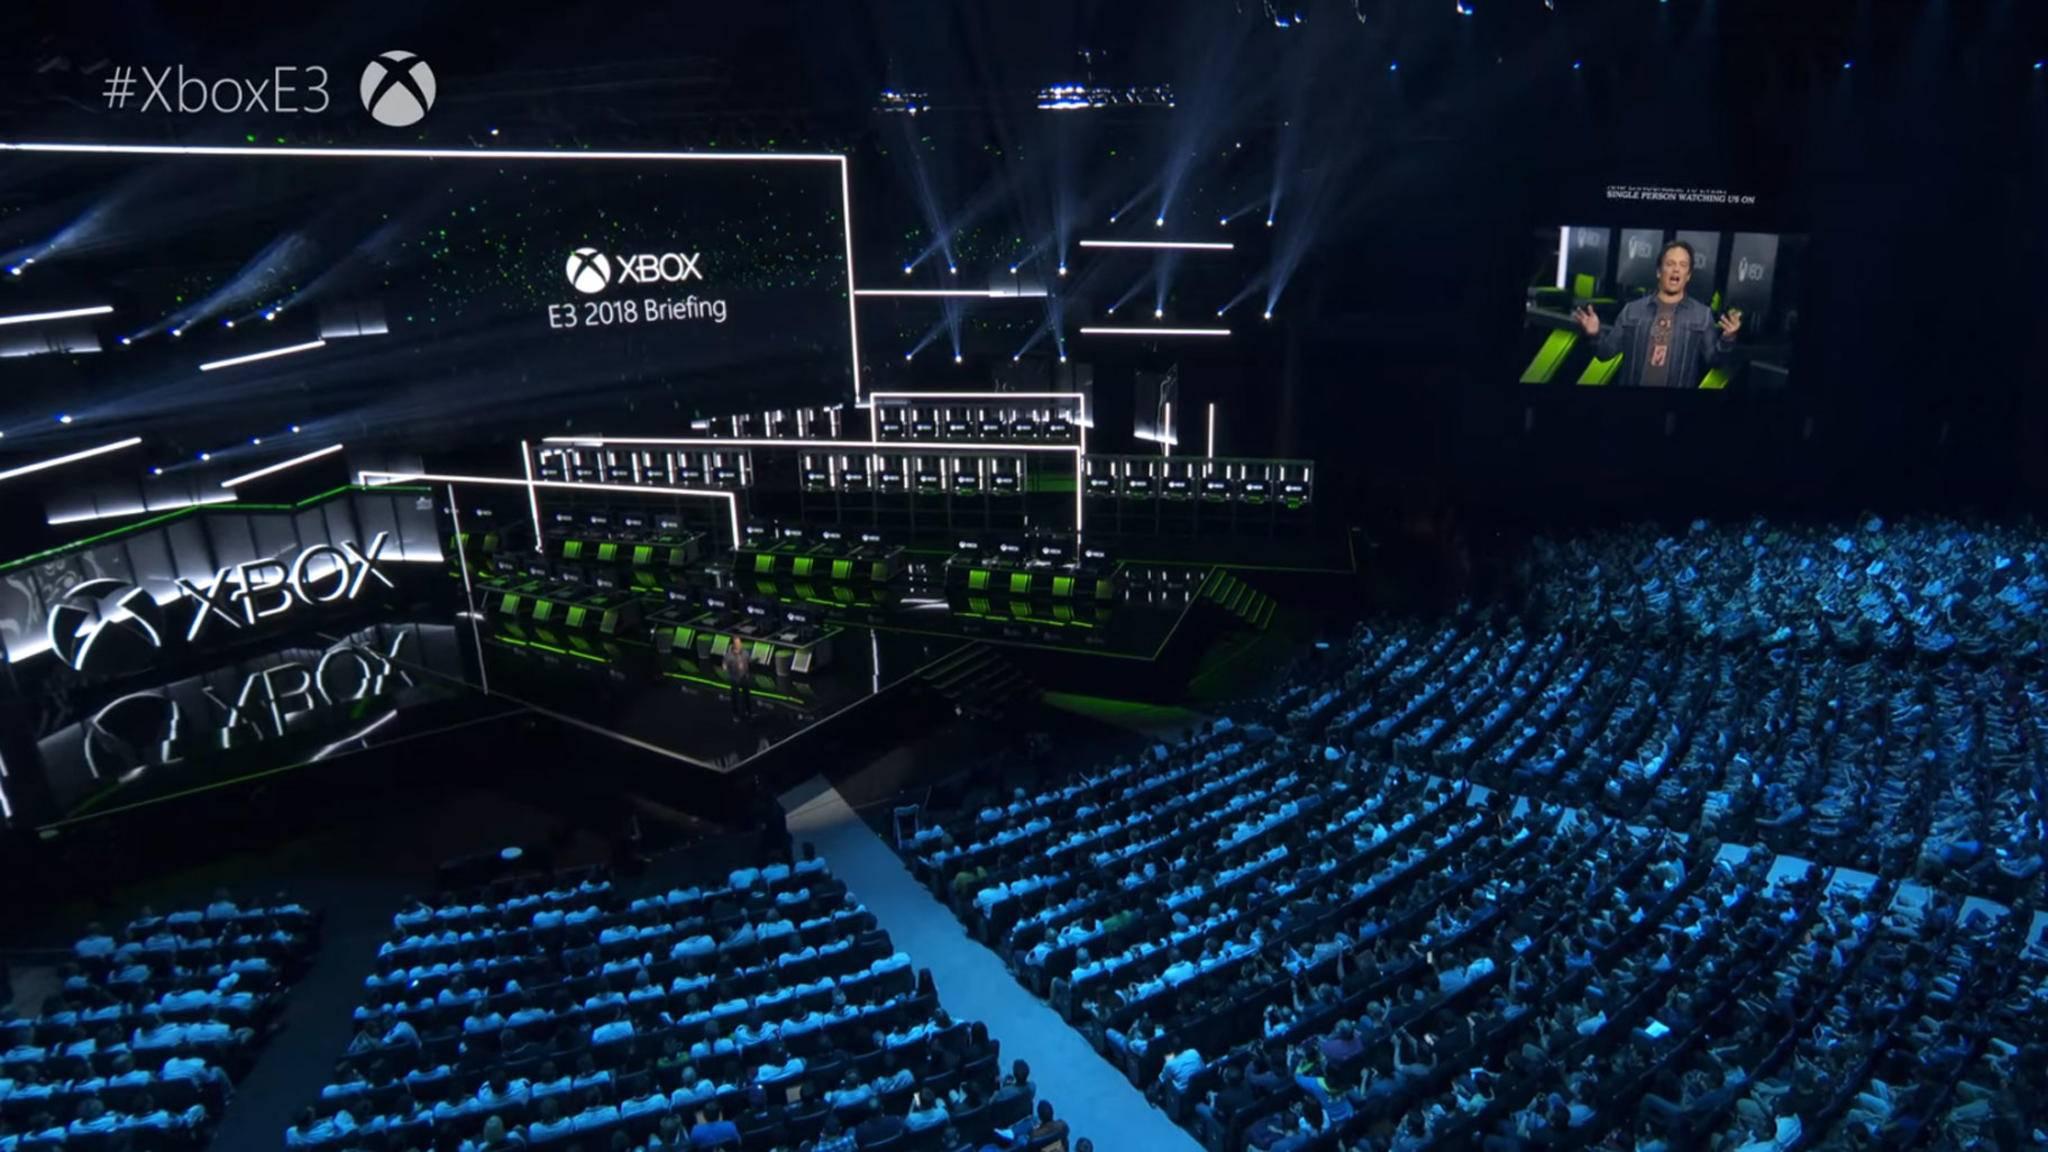 Xbox-Chef Phil Spencer präsentierte die Neuheiten in Los Angeles.